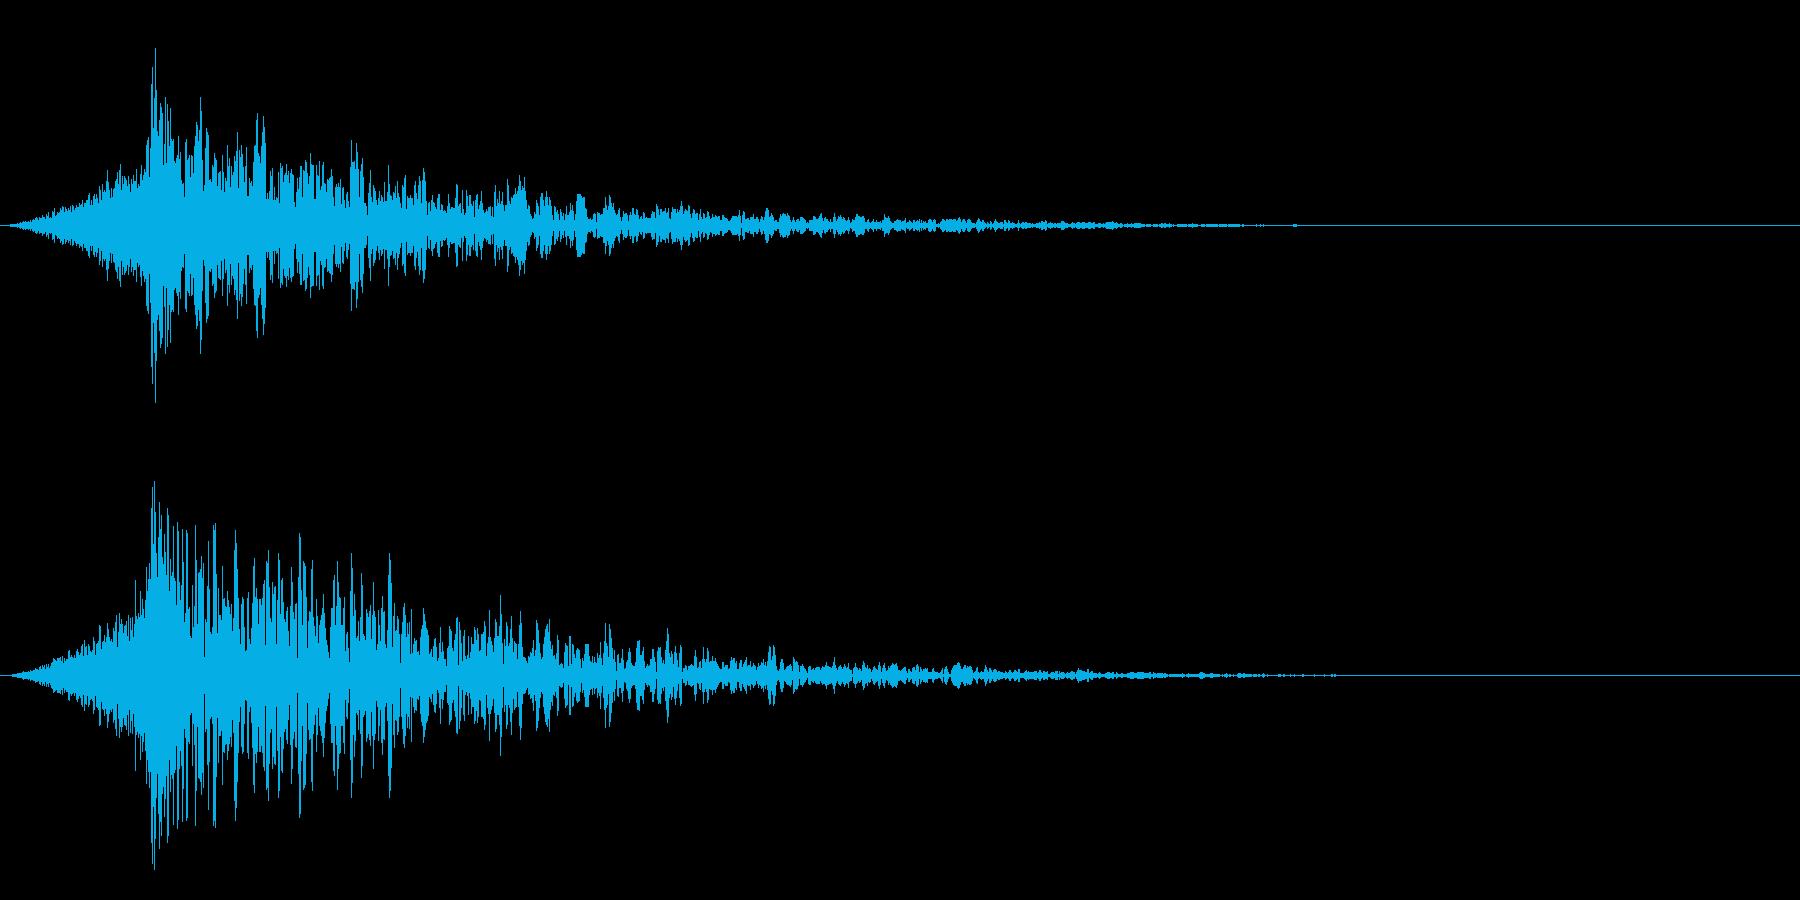 シュードーン-19-4(インパクト音)の再生済みの波形